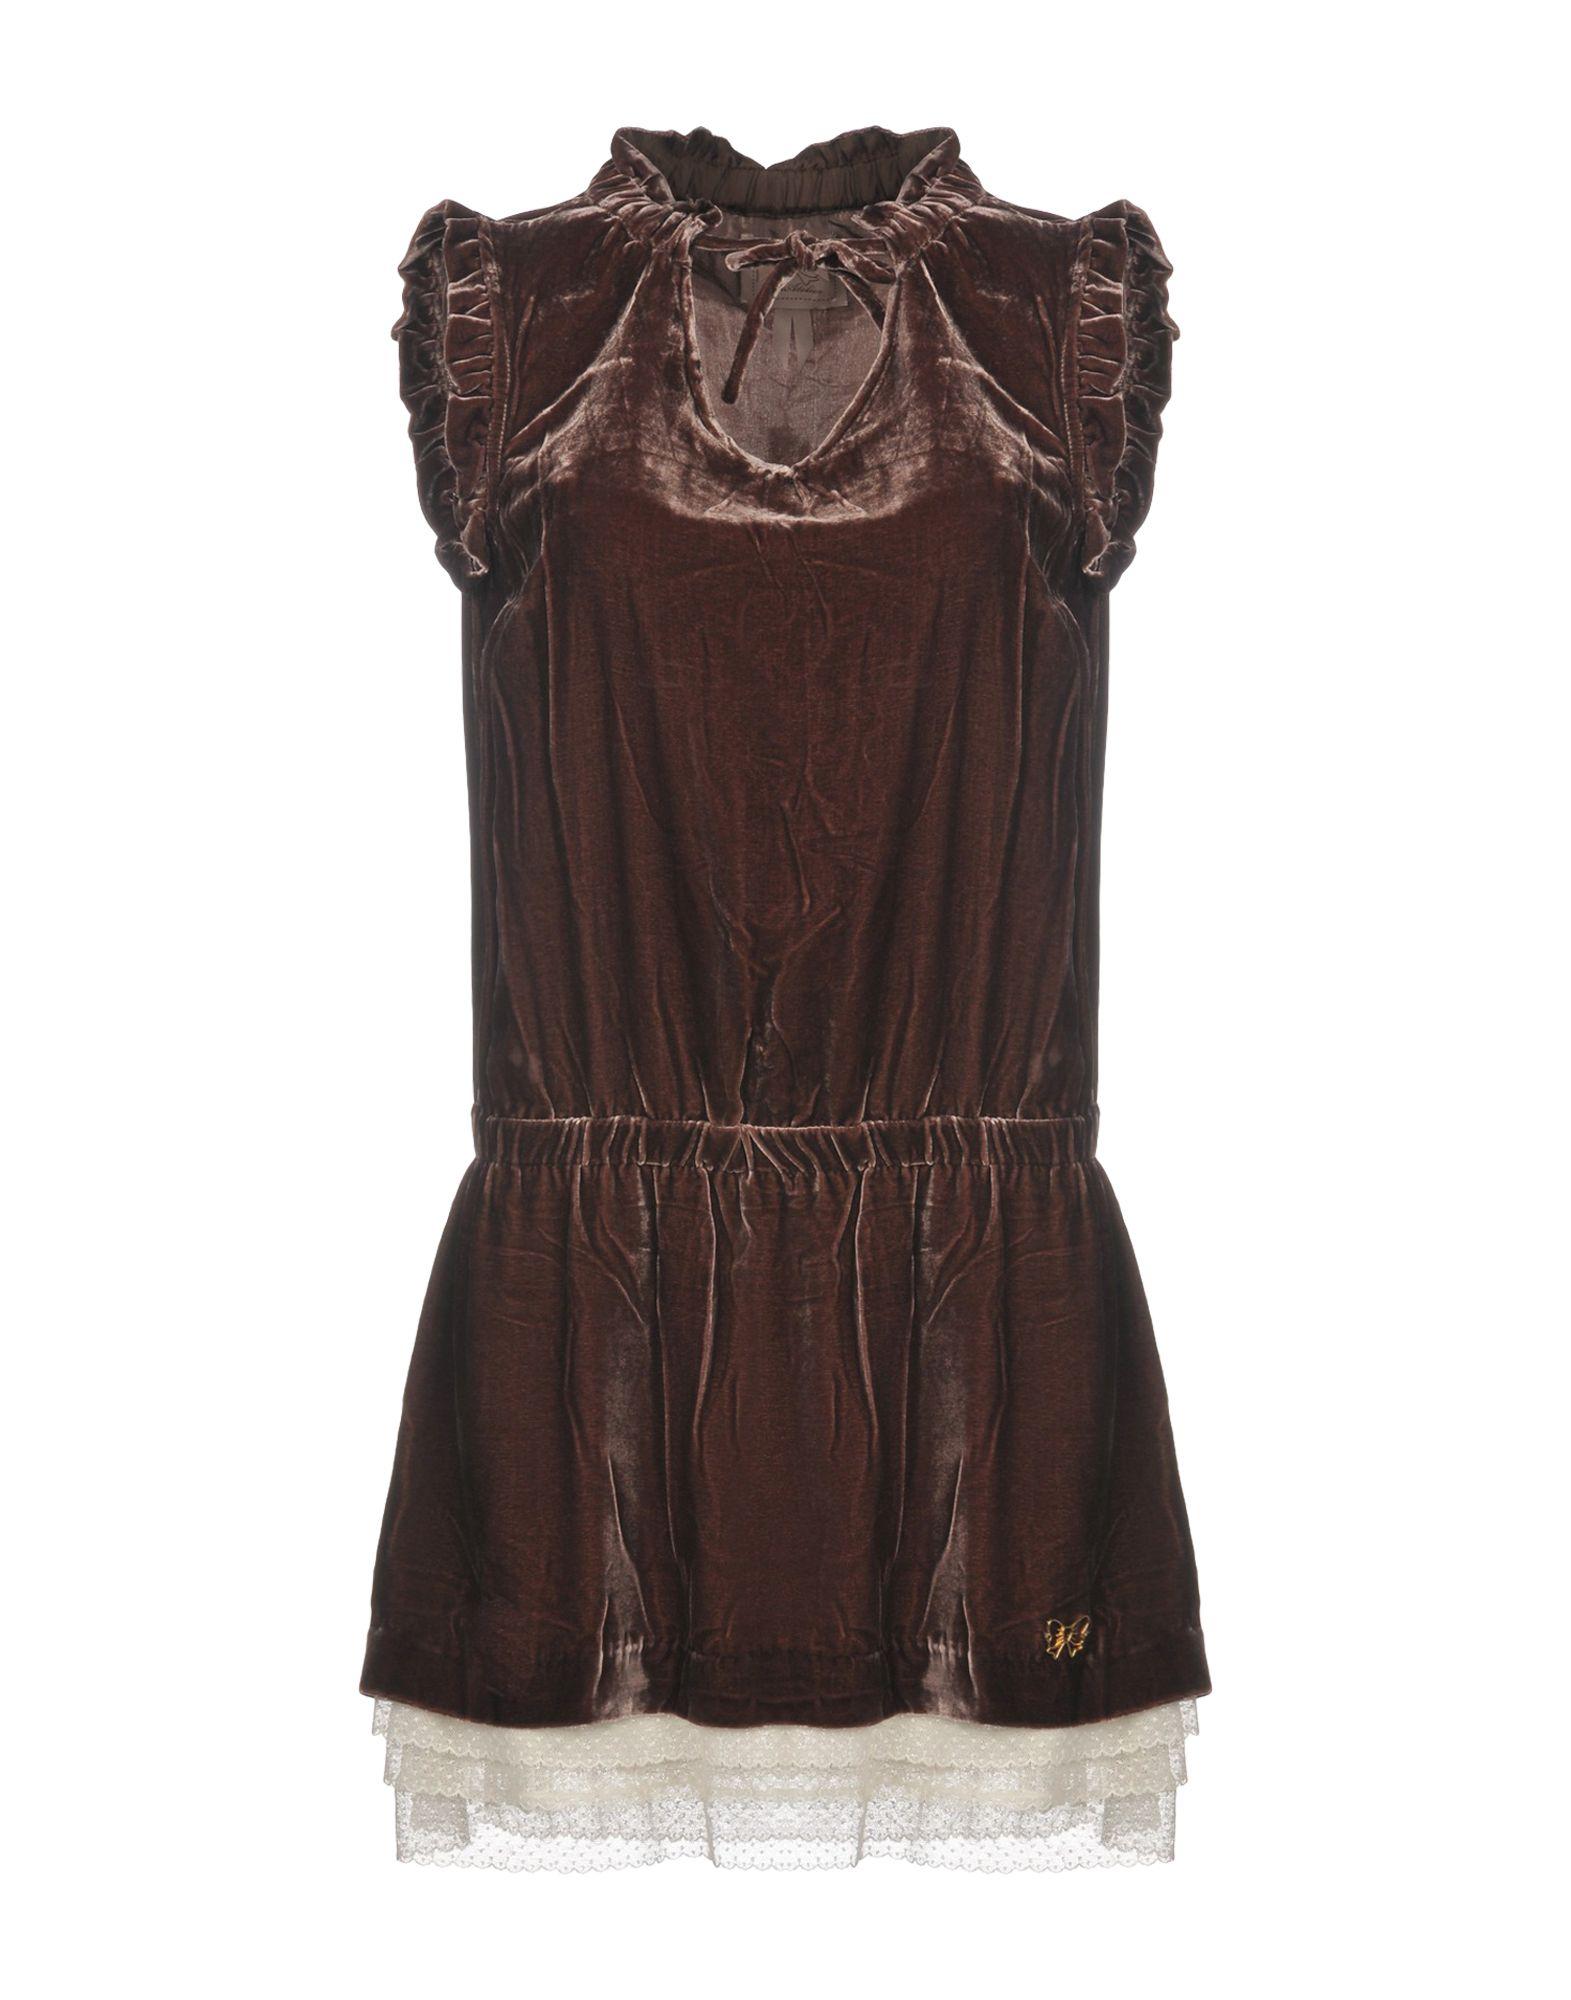 ATELIER FIXDESIGN Короткое платье платье без рукавов с кружевной вставкой на спинке